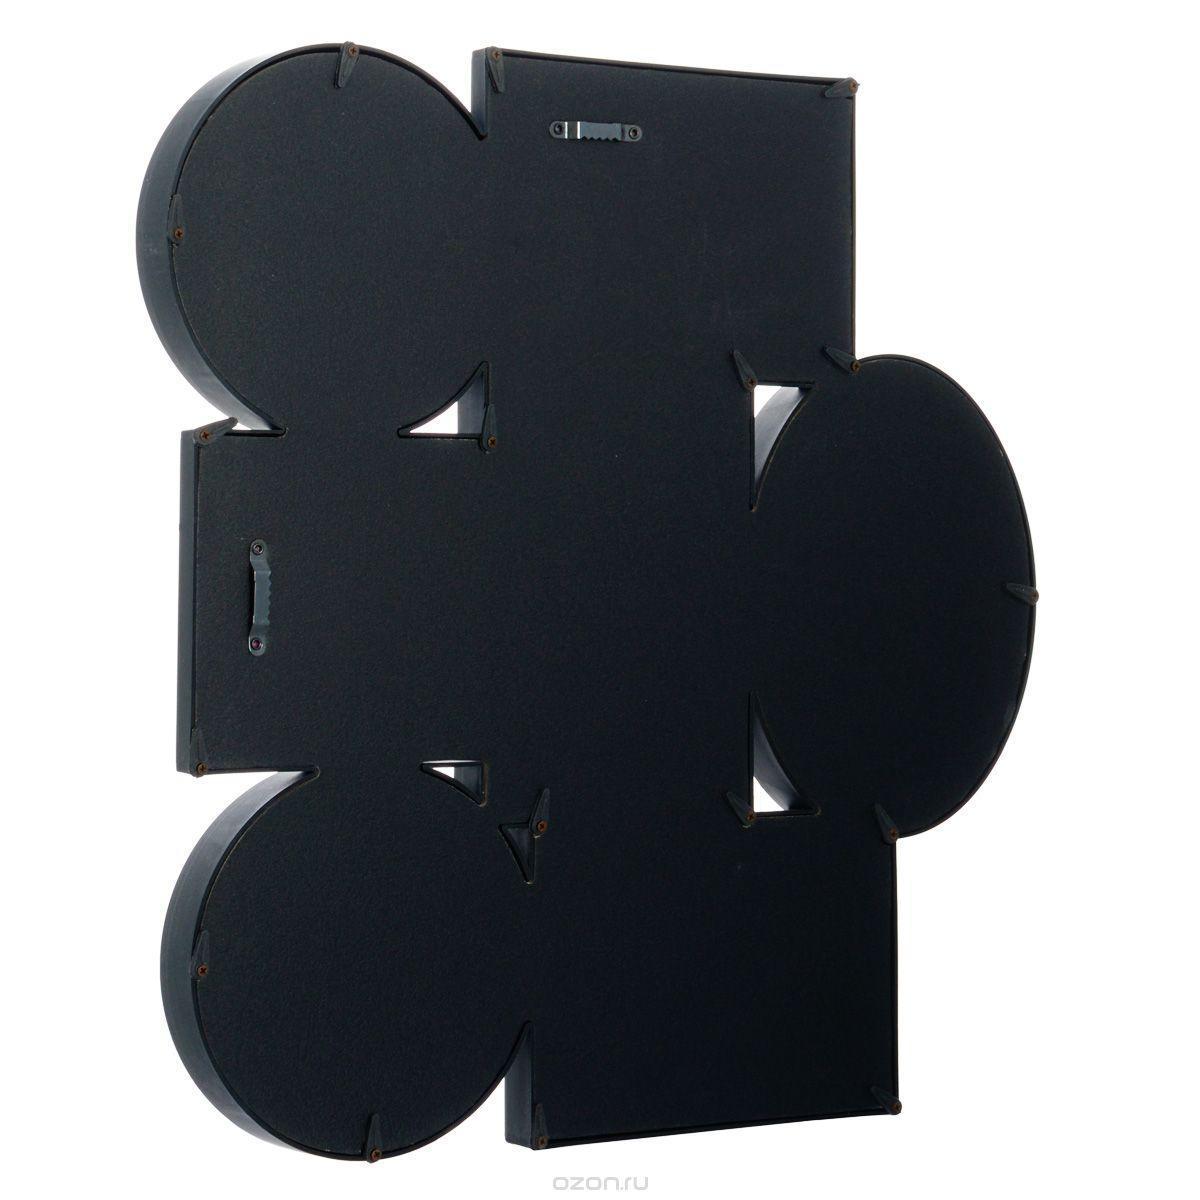 """Фоторамка """"Image Art"""", цвет: черный, на 7 фото. 5055398689523"""